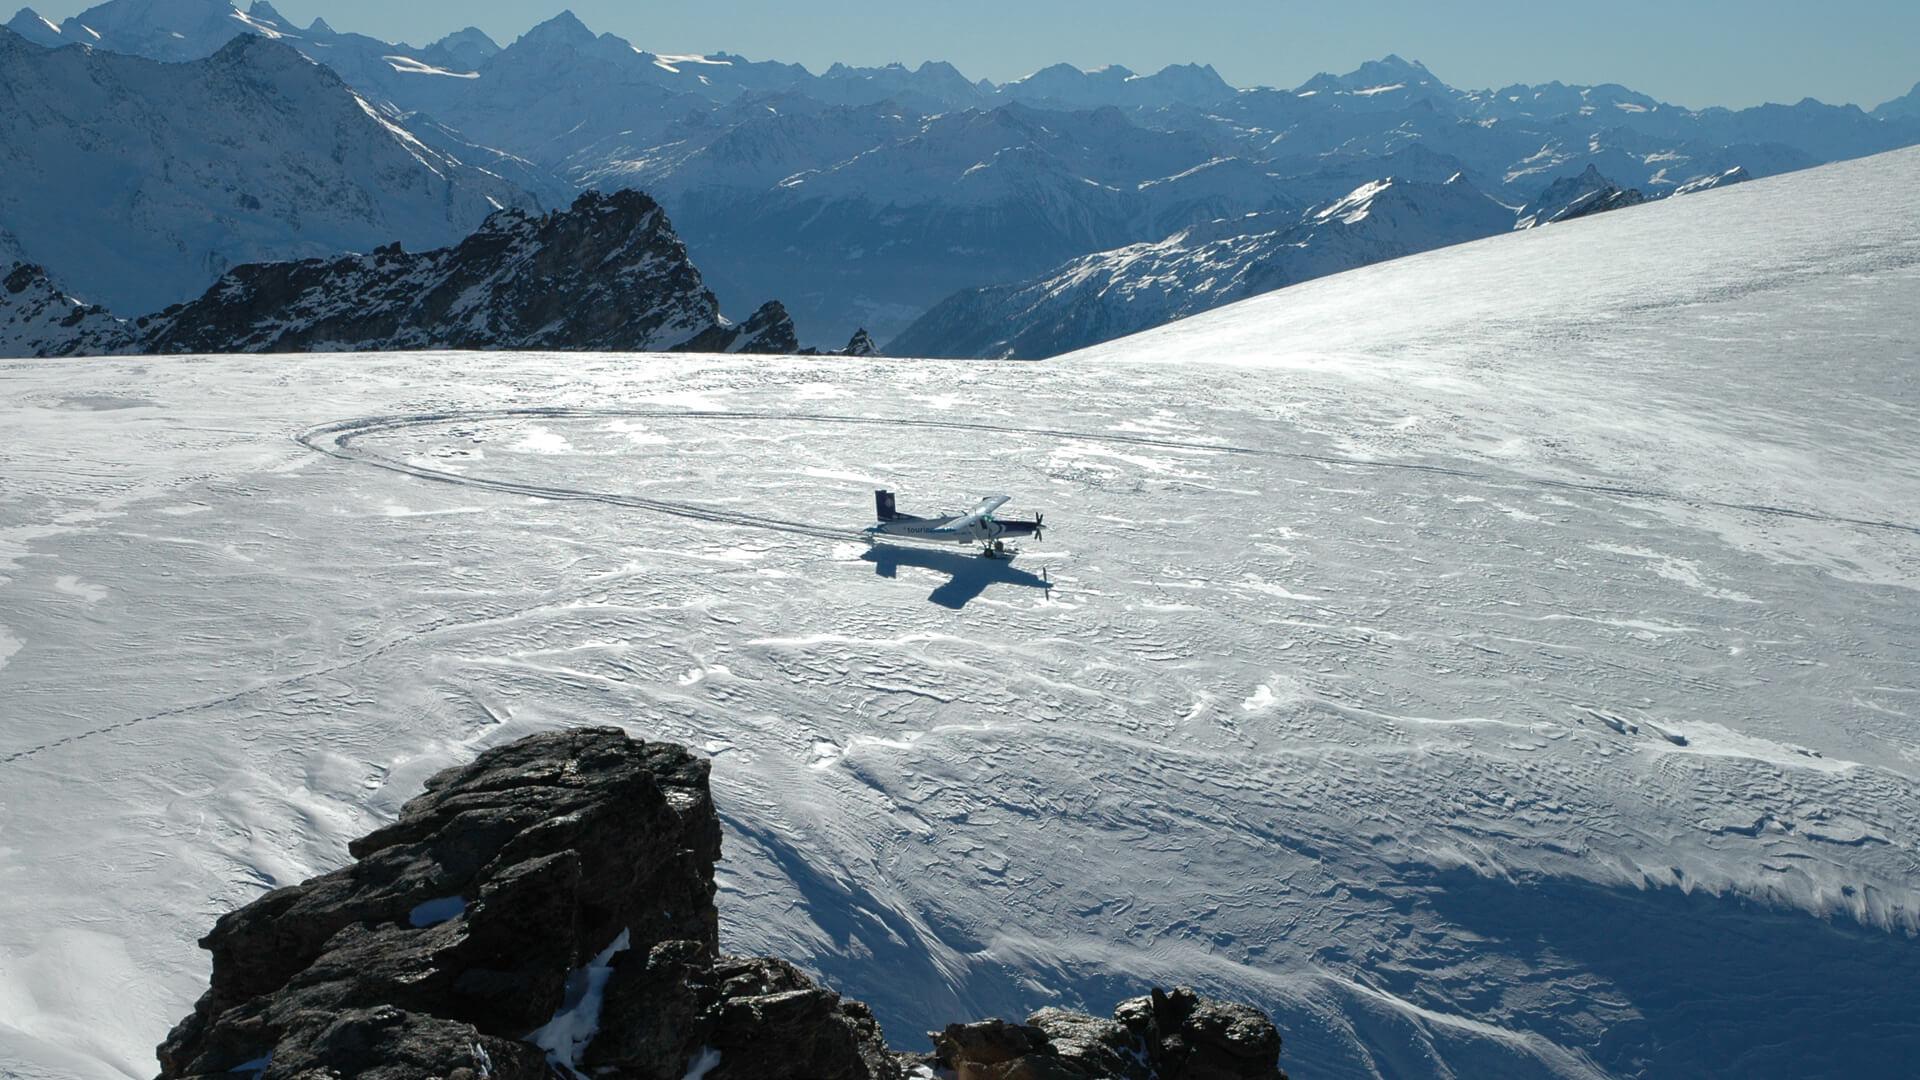 scenic-air-flugzeug-winter-schnee